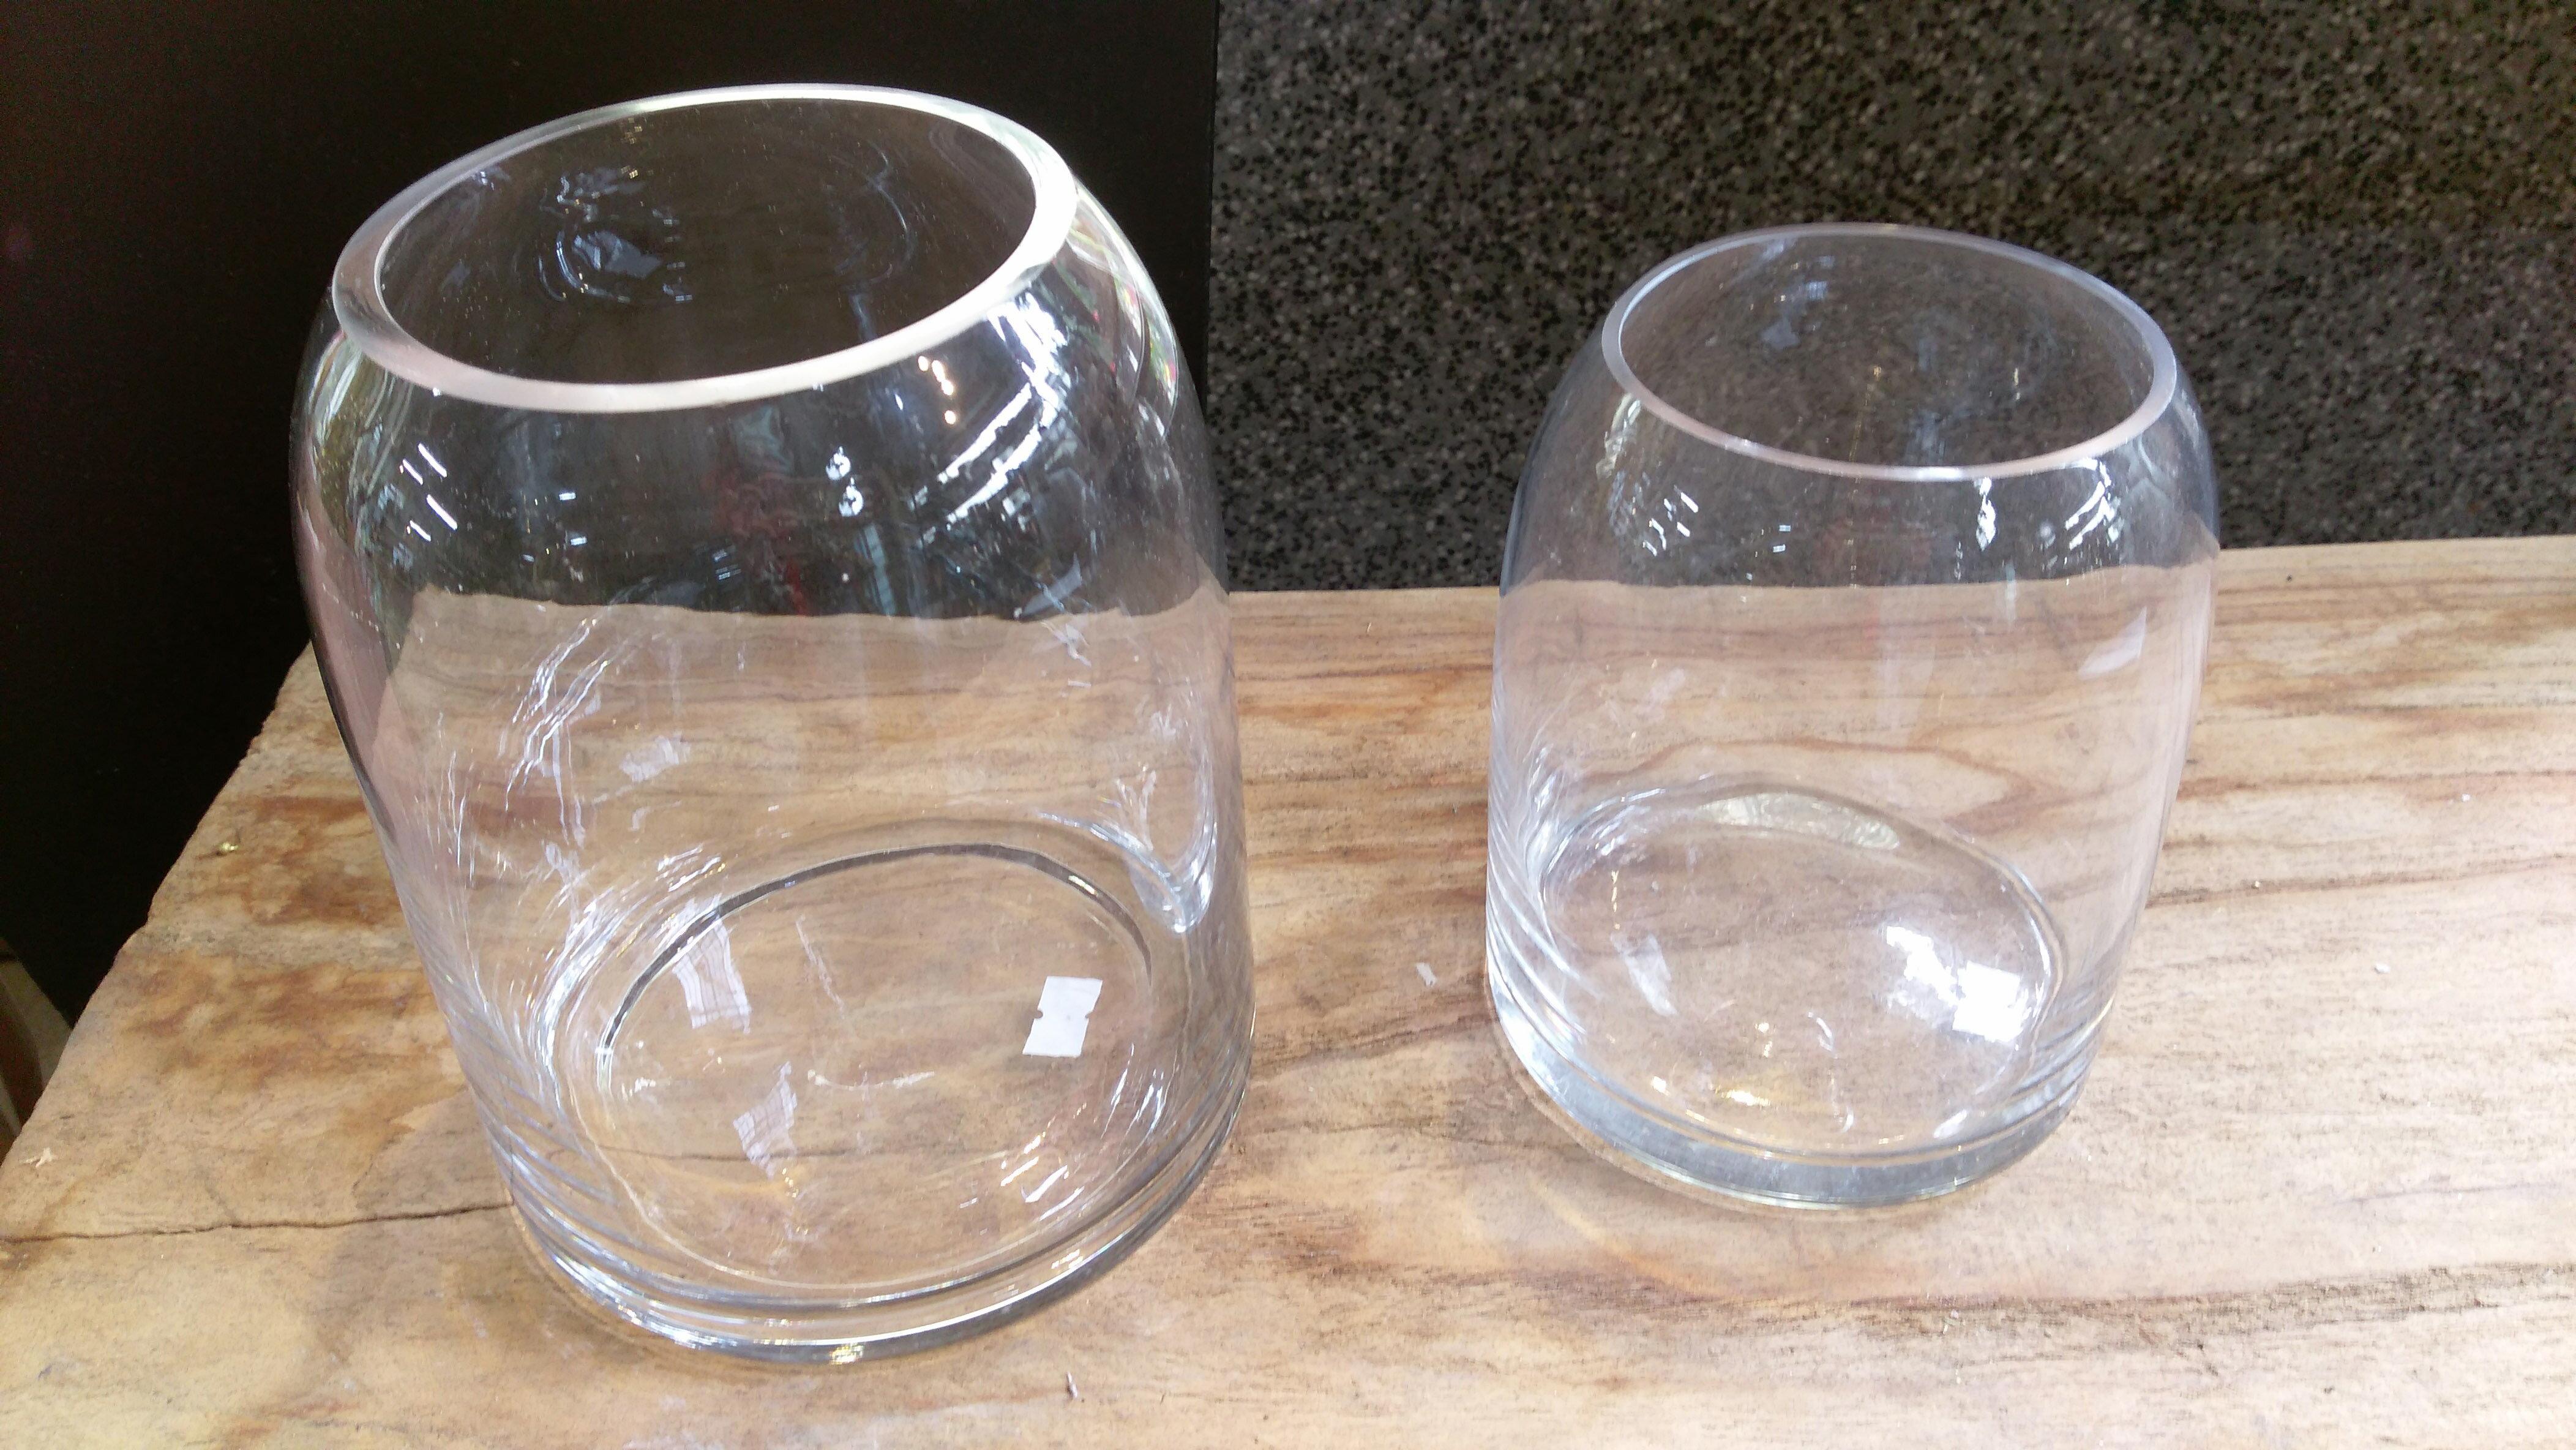 壺型透明玻璃置物瓶 / 玻璃 / 盆器 / 擺飾★棉花糖家飾精品★